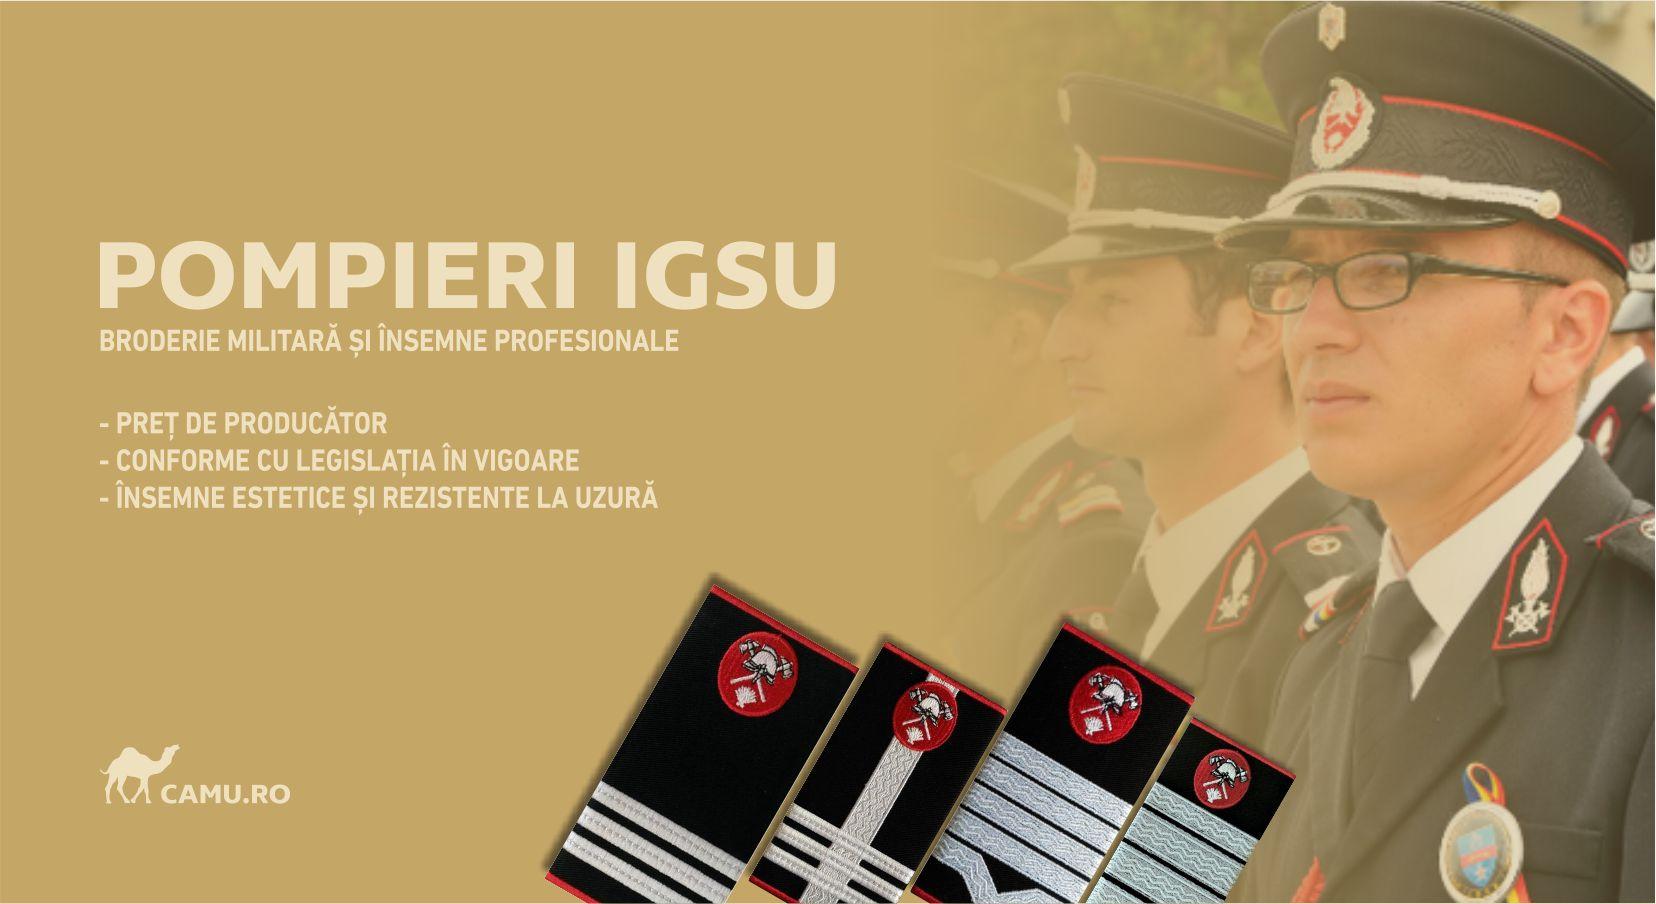 Grade Militare Pompieri IGSU de vânzare | Emblema IGSU | Petlite IGSU | Nominale și alte însemne distinctive pentru uniforma Pompieri IGSU. *Conforme cu legislația în vigoare.